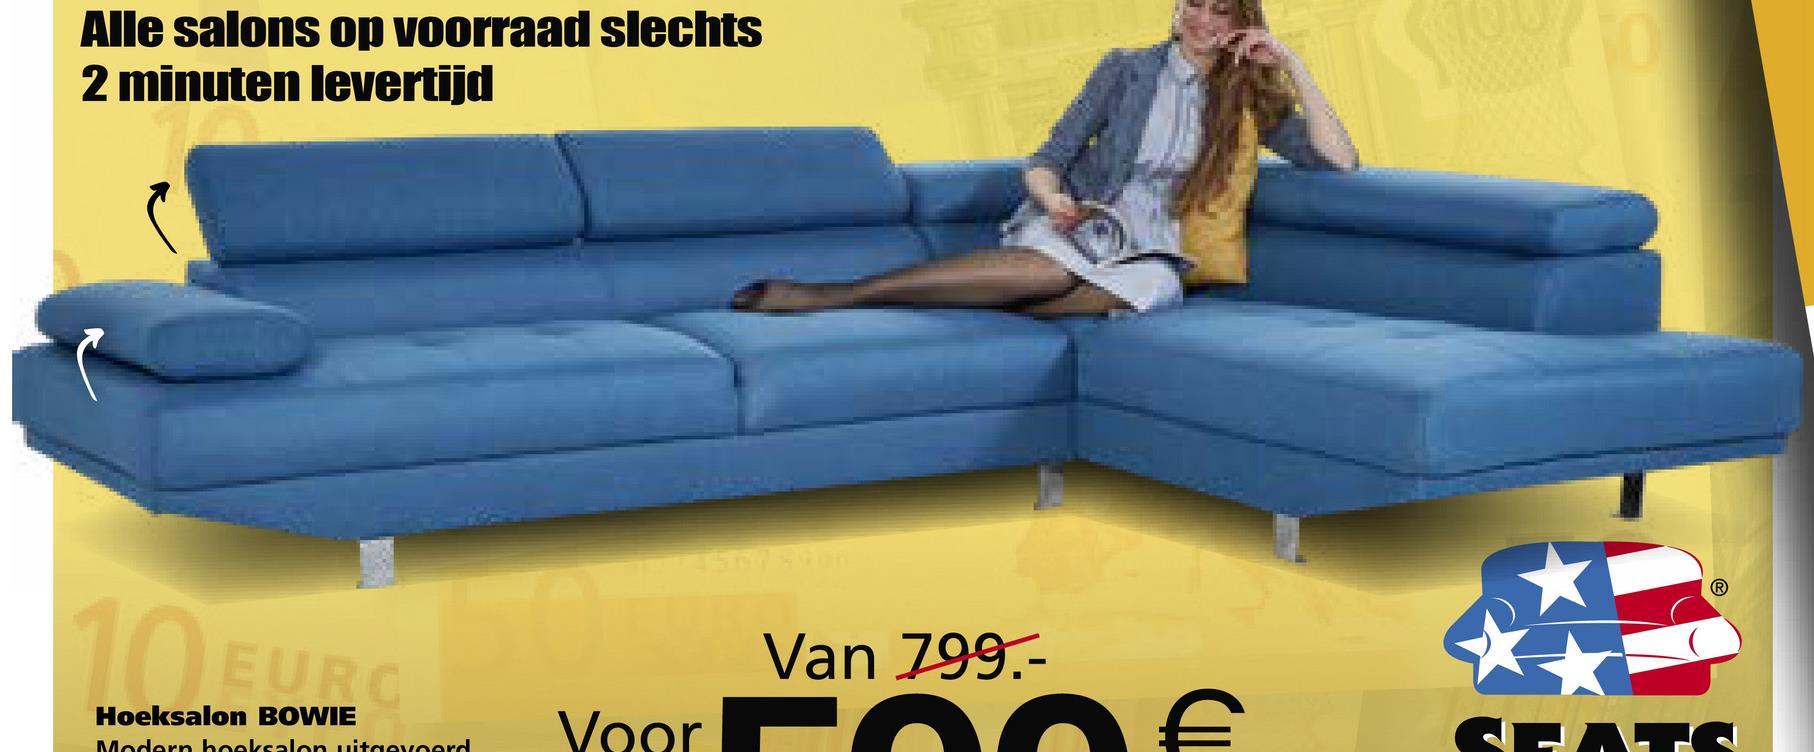 Alle salons op voorraad slechts 2 minuten levertijd Van 799.- Hoeksalon BOWIE Modern hoelsalon uitgevoerd Yaar €.